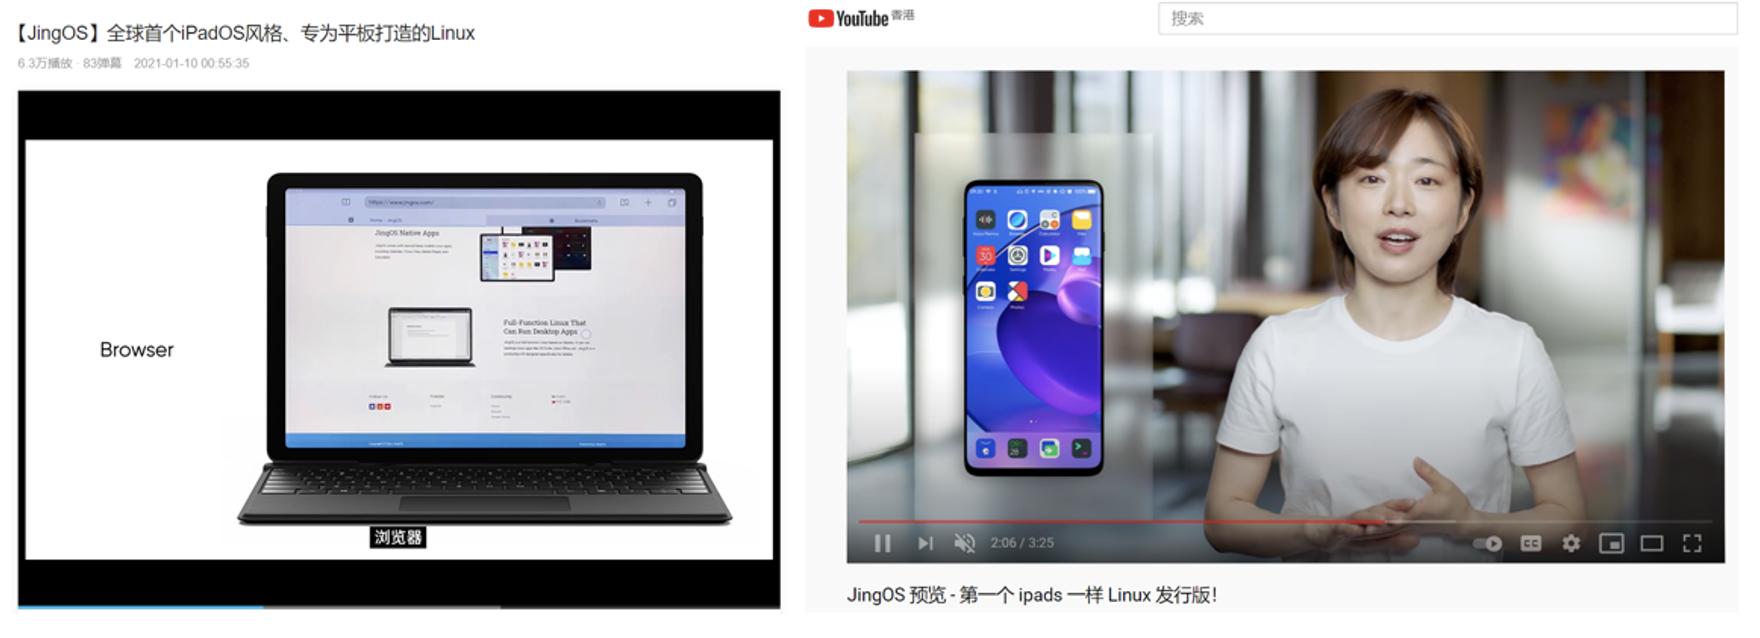 鲸鲮科技发布JingOS操作系统预览版 数码科技 第1张